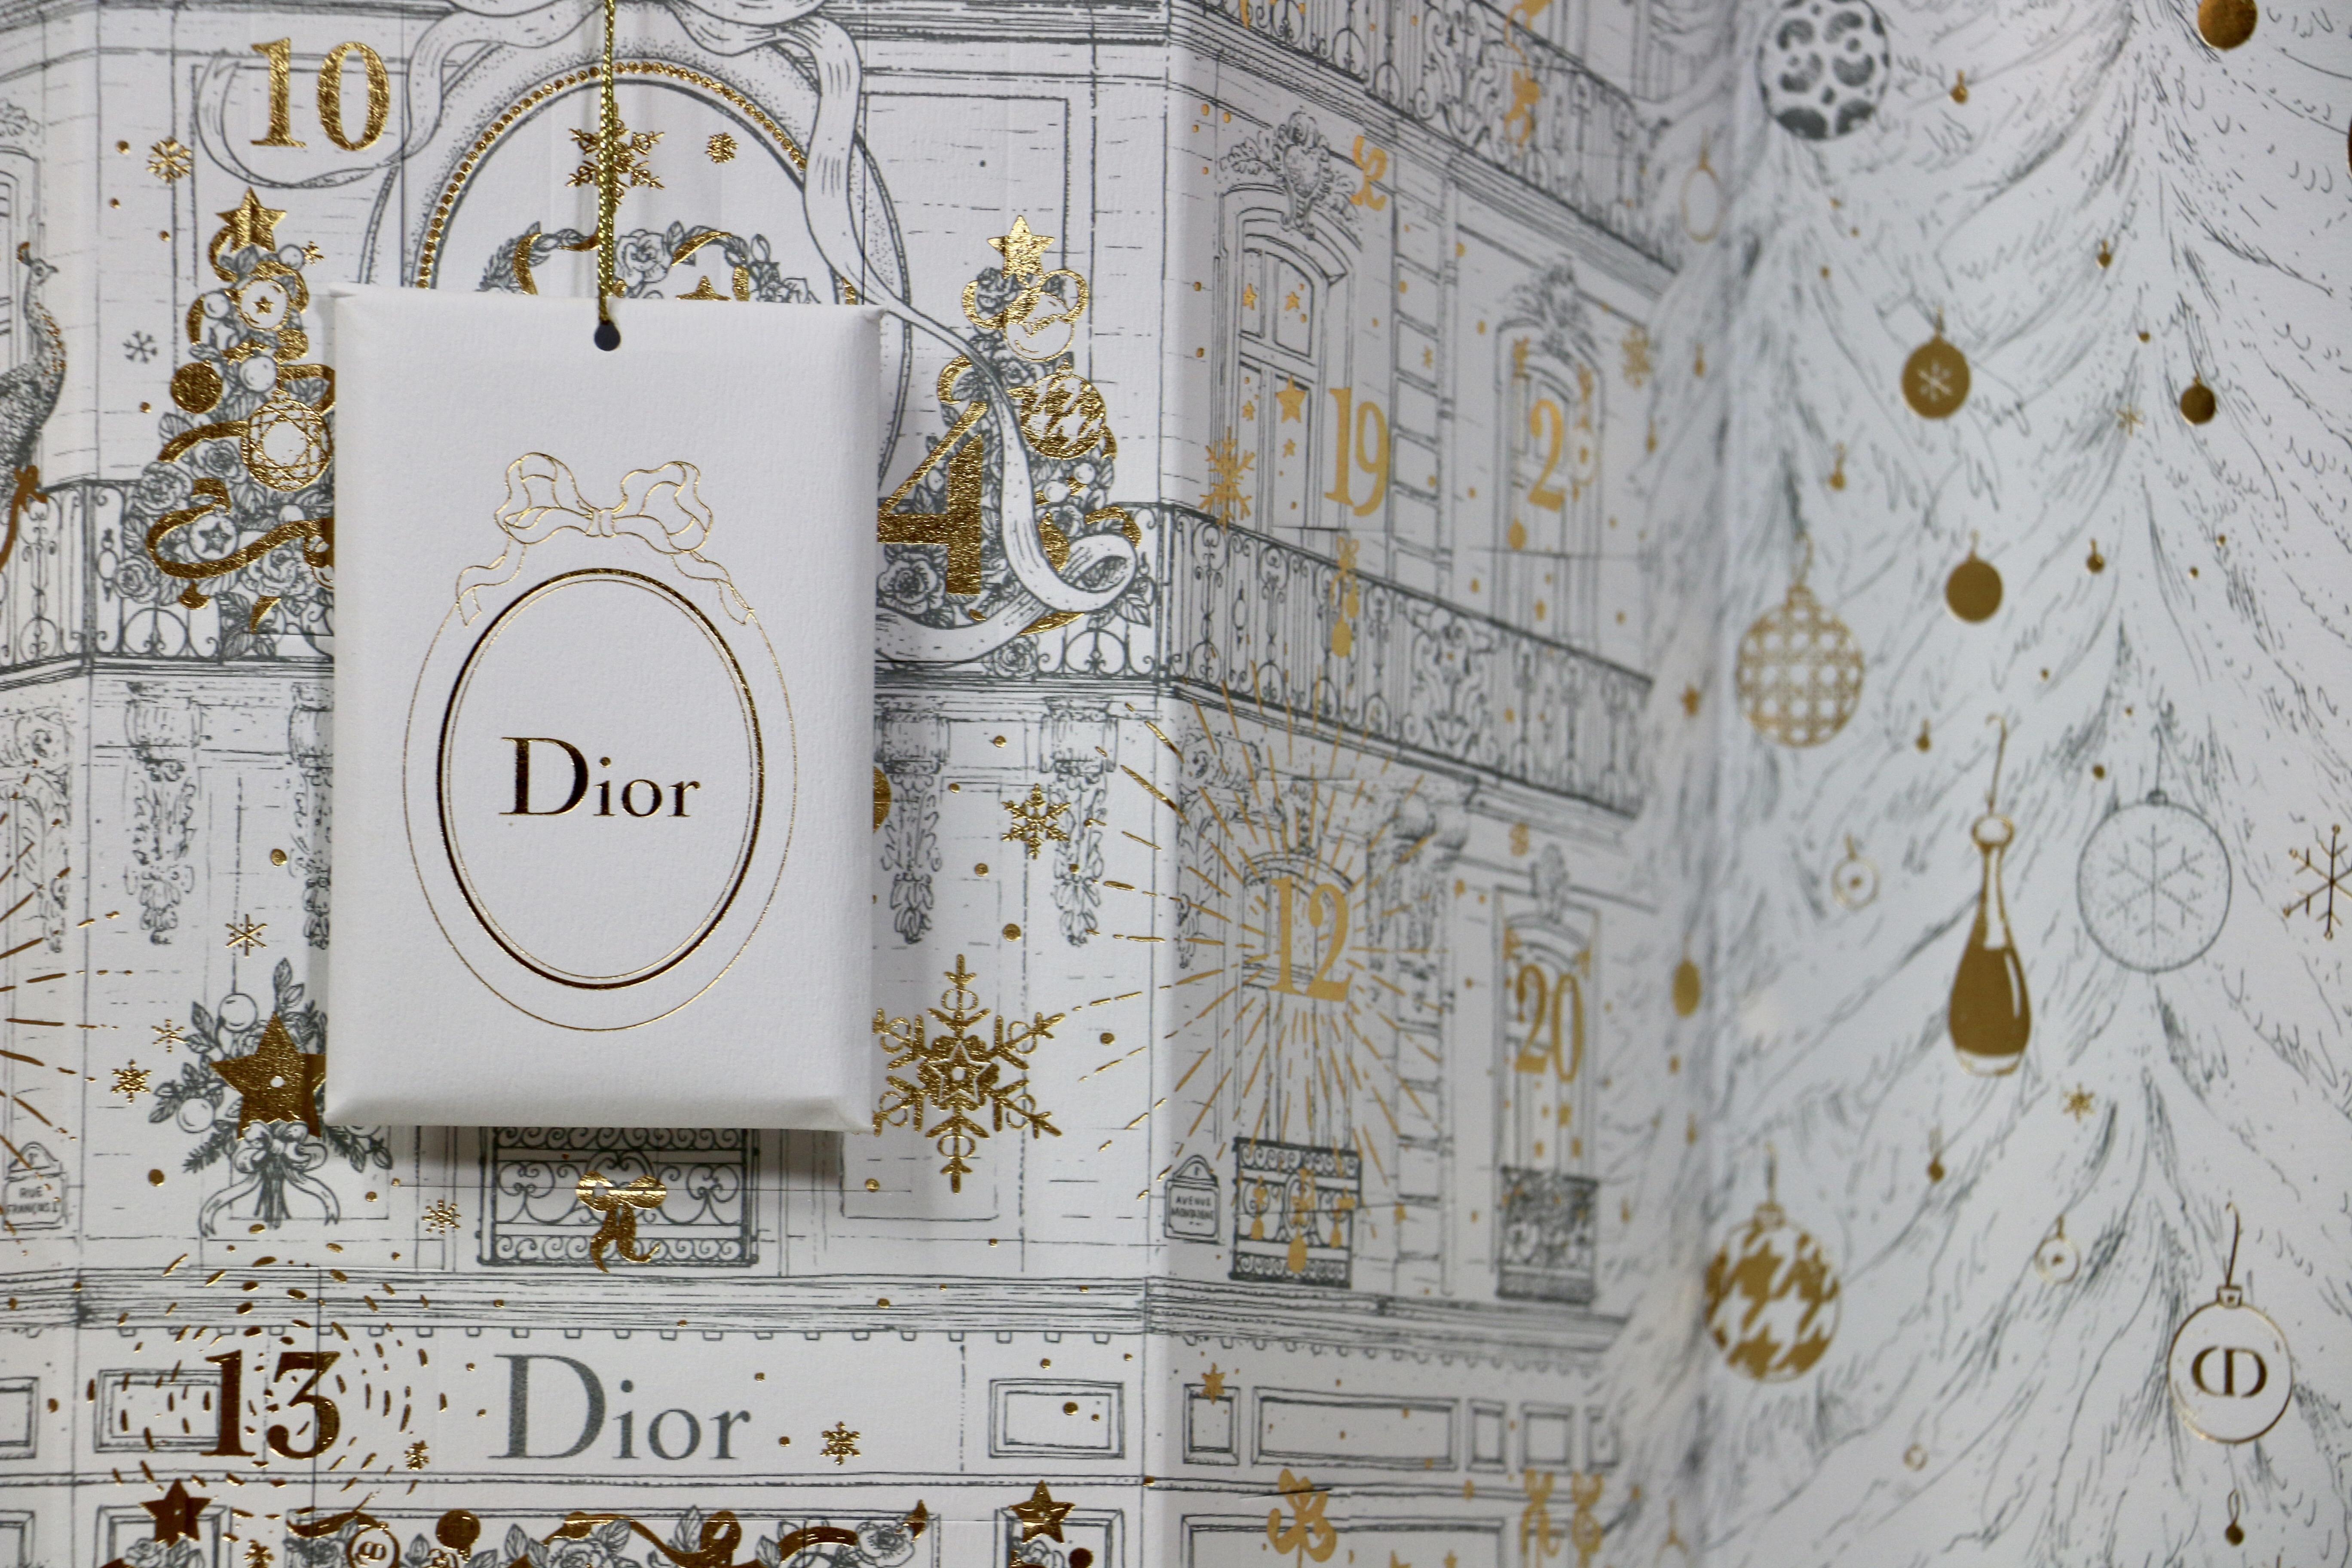 Calendrier De Lavant Dior.L Incroyable Calendrier De L Avent De La Maison Dior Barry